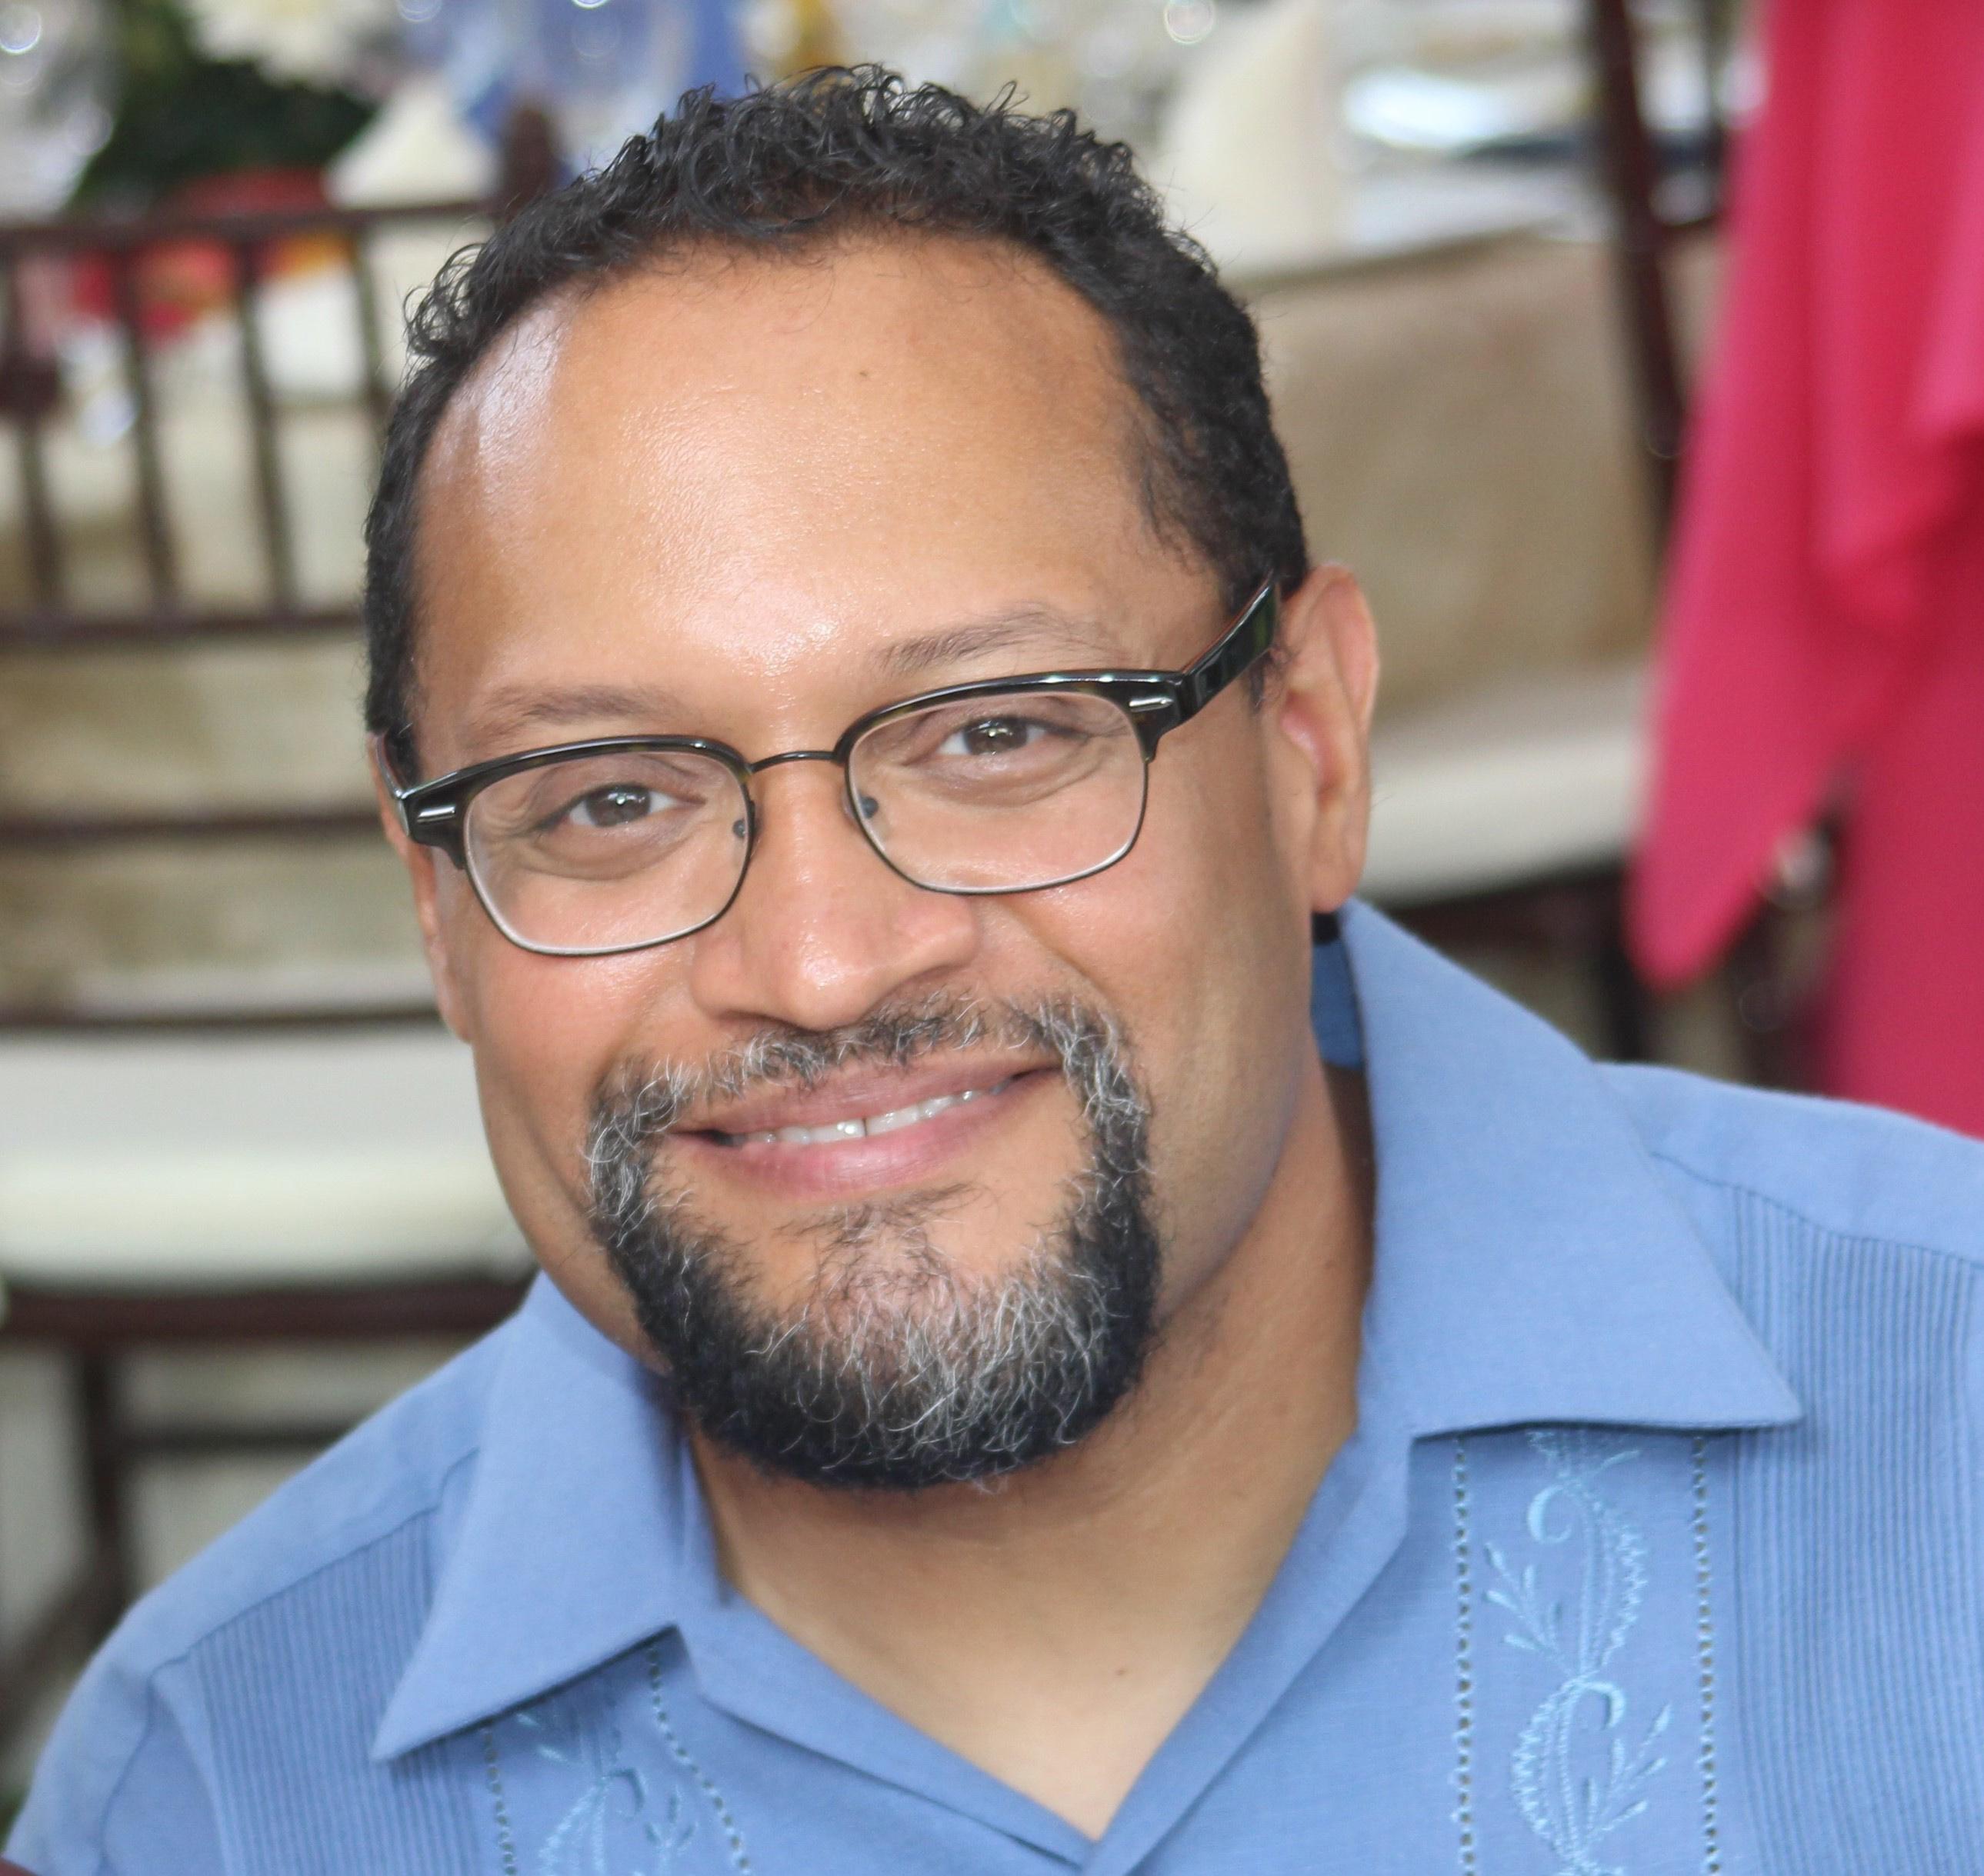 image of Carlos Figueroa